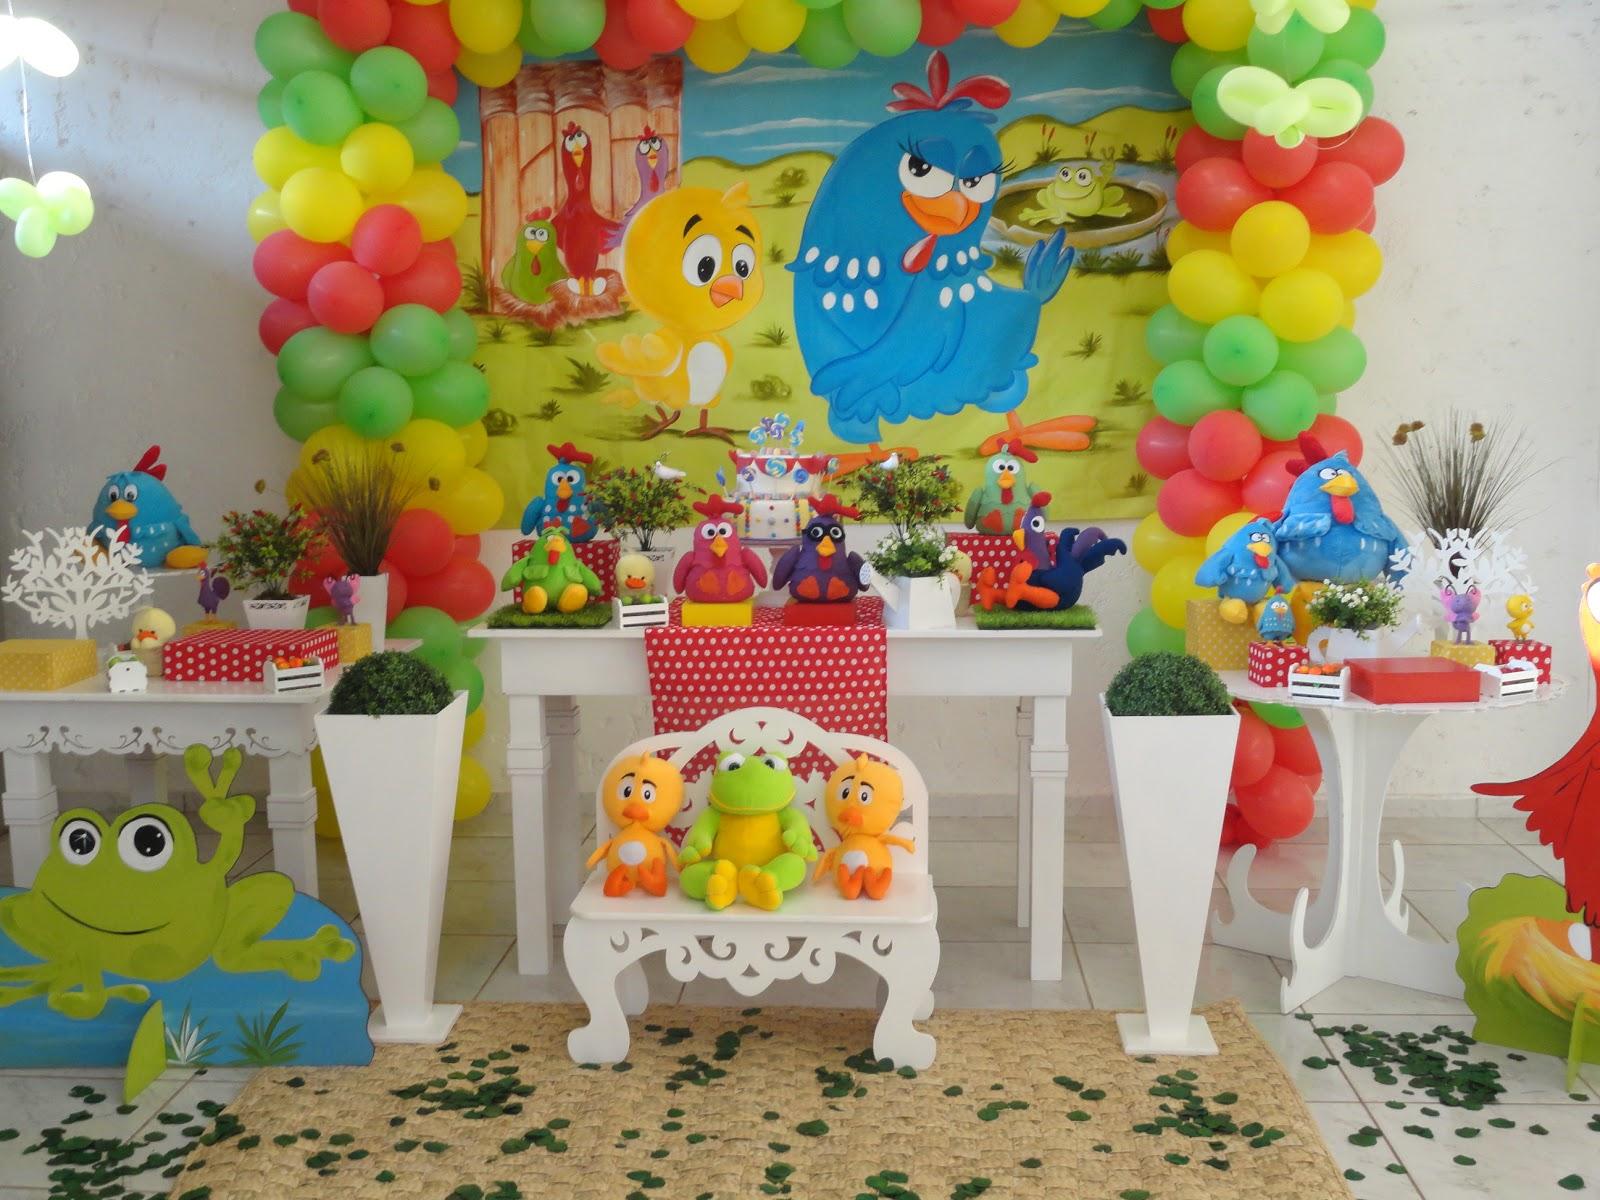 Lidiane Decoração infantil TEM FESTAS 34236880 GALINHA PINTADINHA